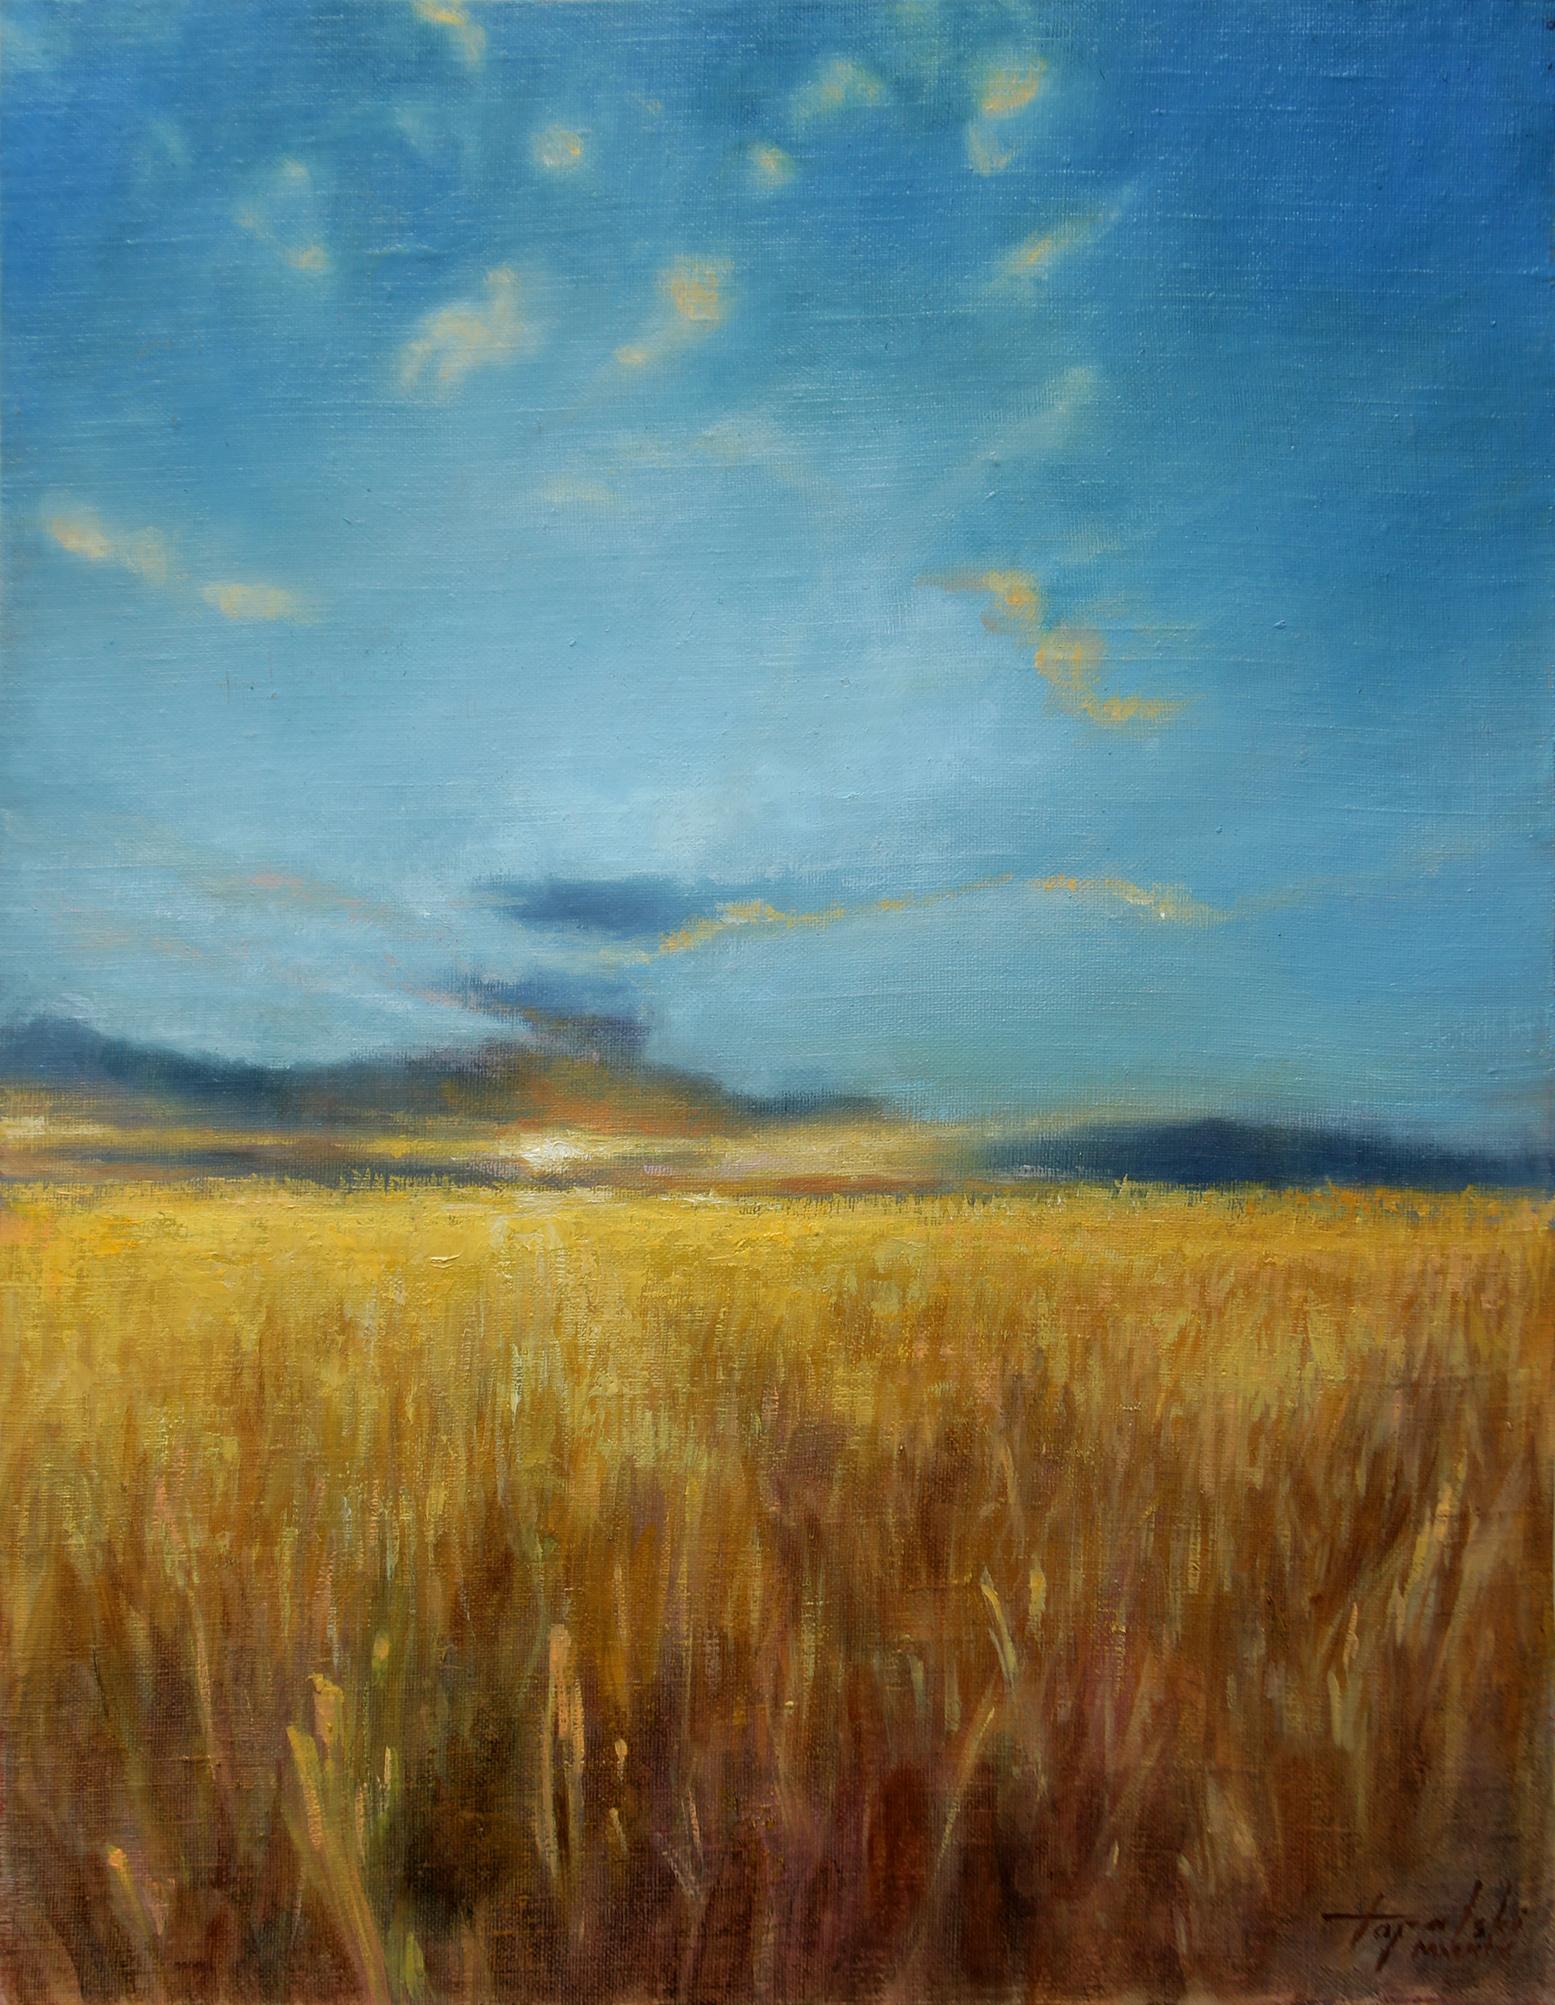 Žitno Polje - Umetnička slika 45x35cm Ulje na lanenom platnu kasiranom na sper - umetnik Darko TOPALSKI